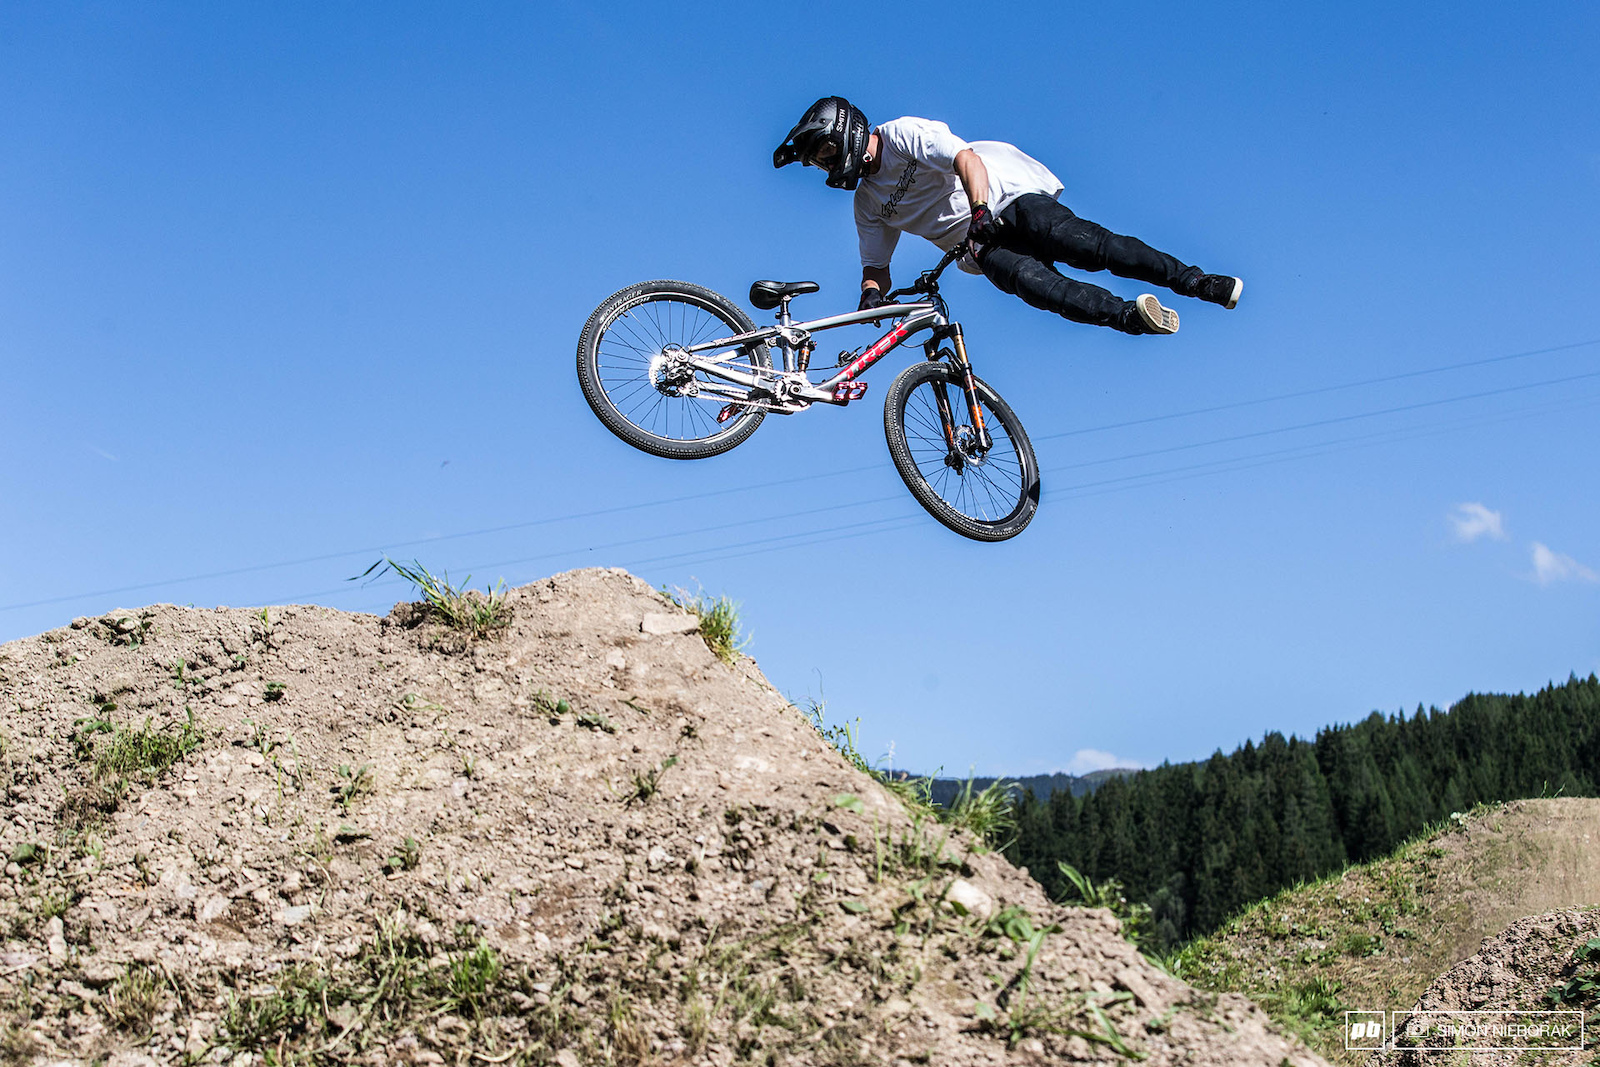 Sweet tailwhip on a hip jump.